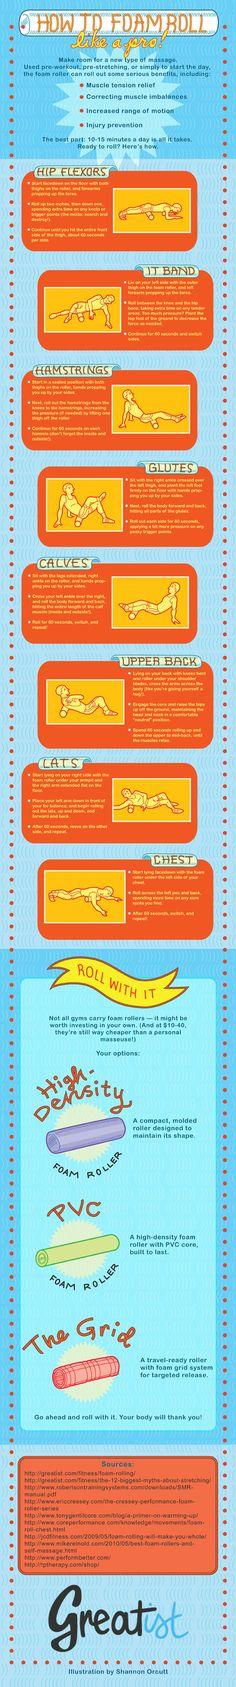 How to Foam Roll Like a Pro!